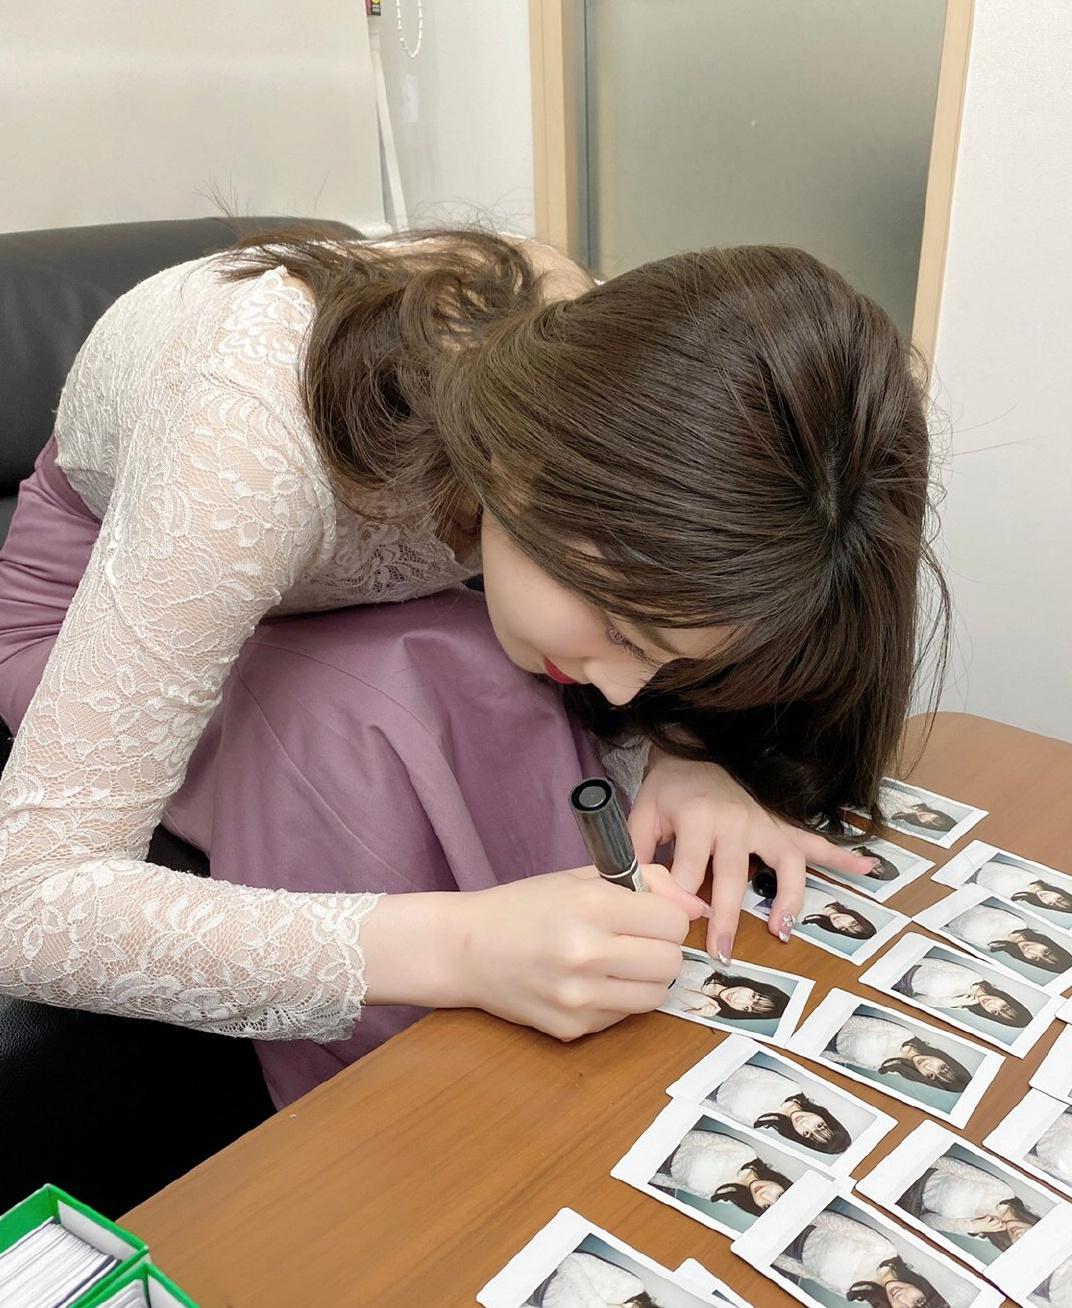 河北彩花的签名照你想要吗 第1张